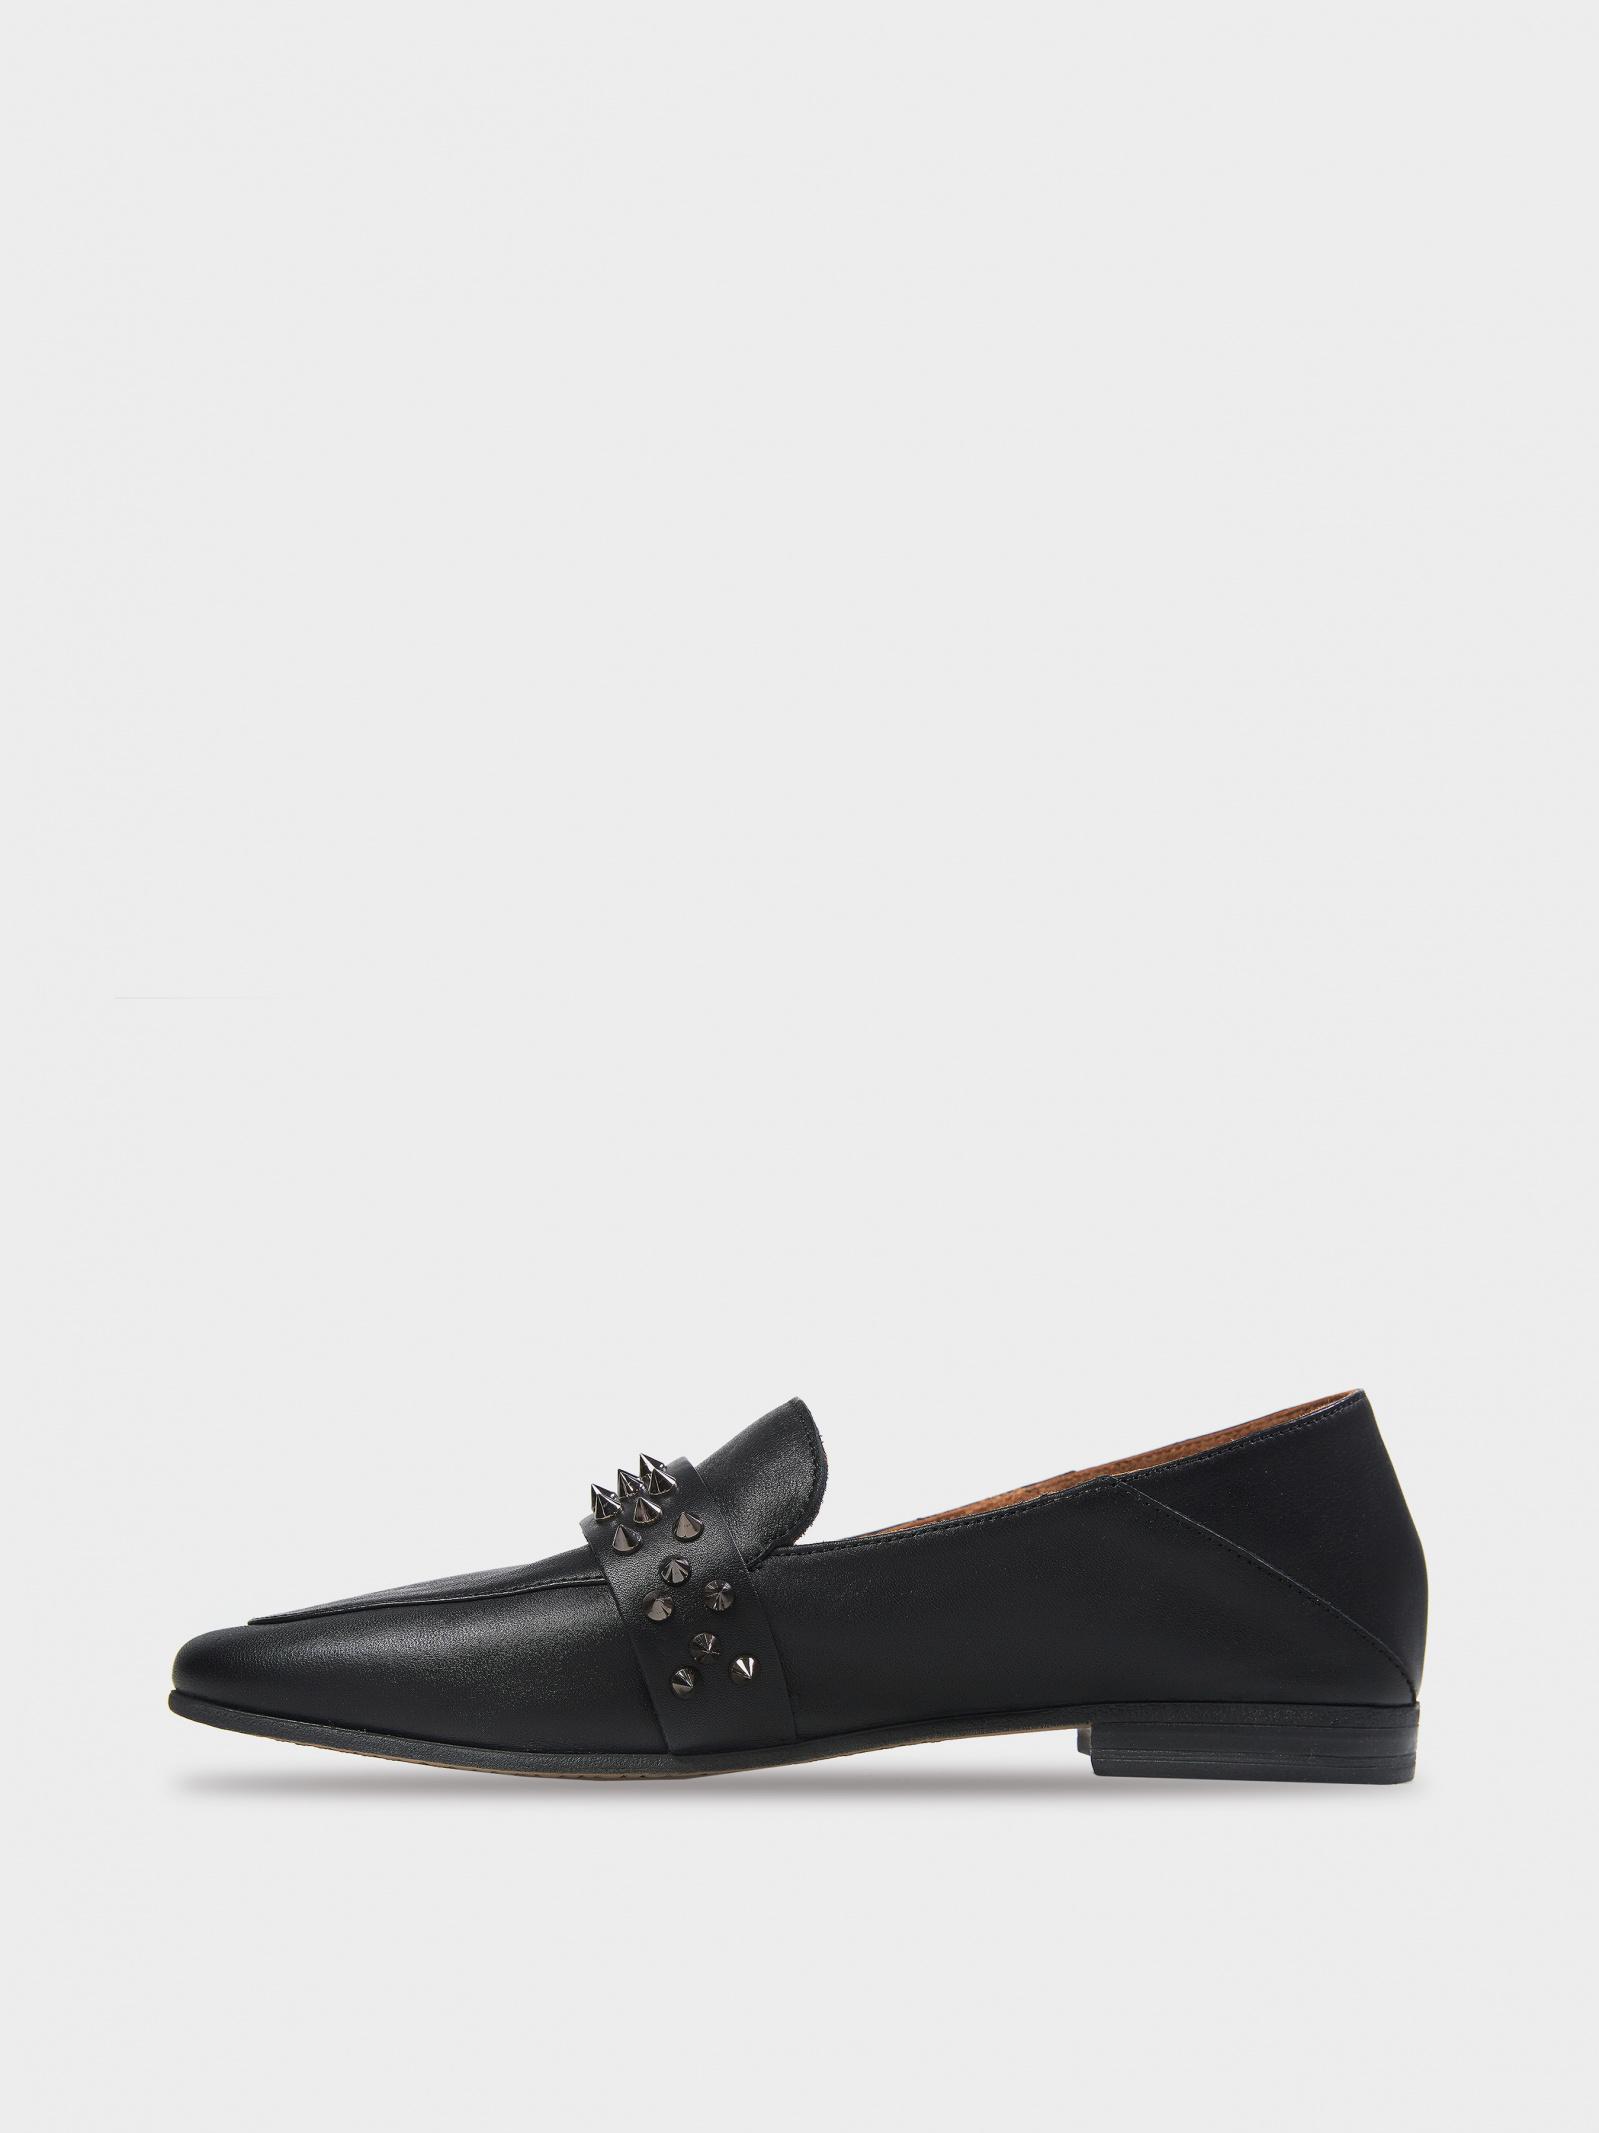 Туфлі  для жінок INUOVO 483006 BLACK вартість, 2017